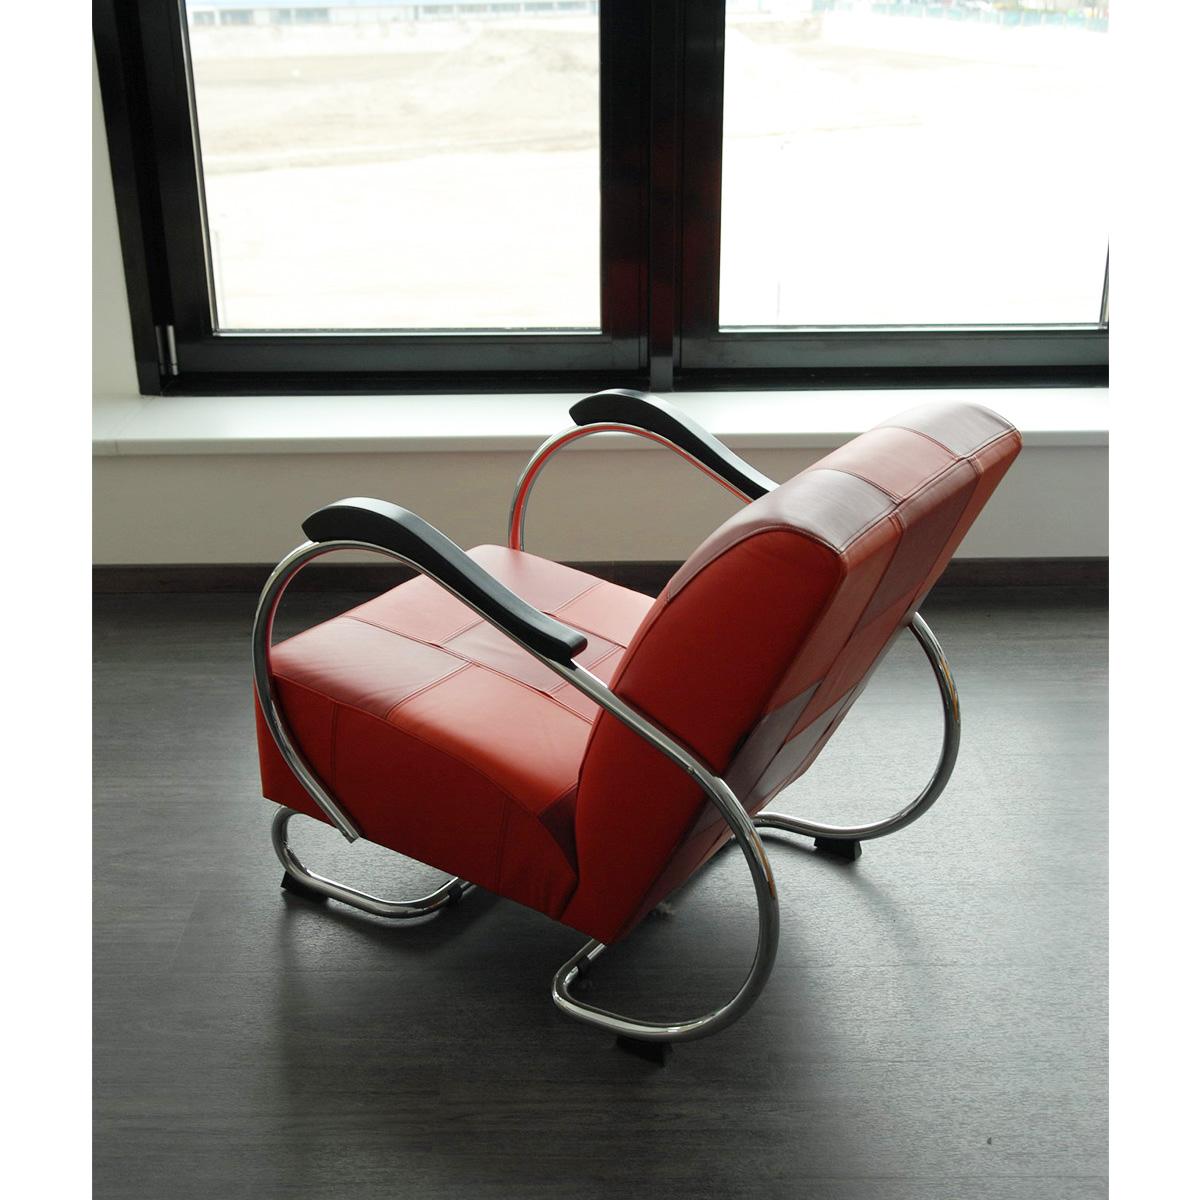 Klasic K106 Is Elegant Massive Retro Armchair In 1930 S